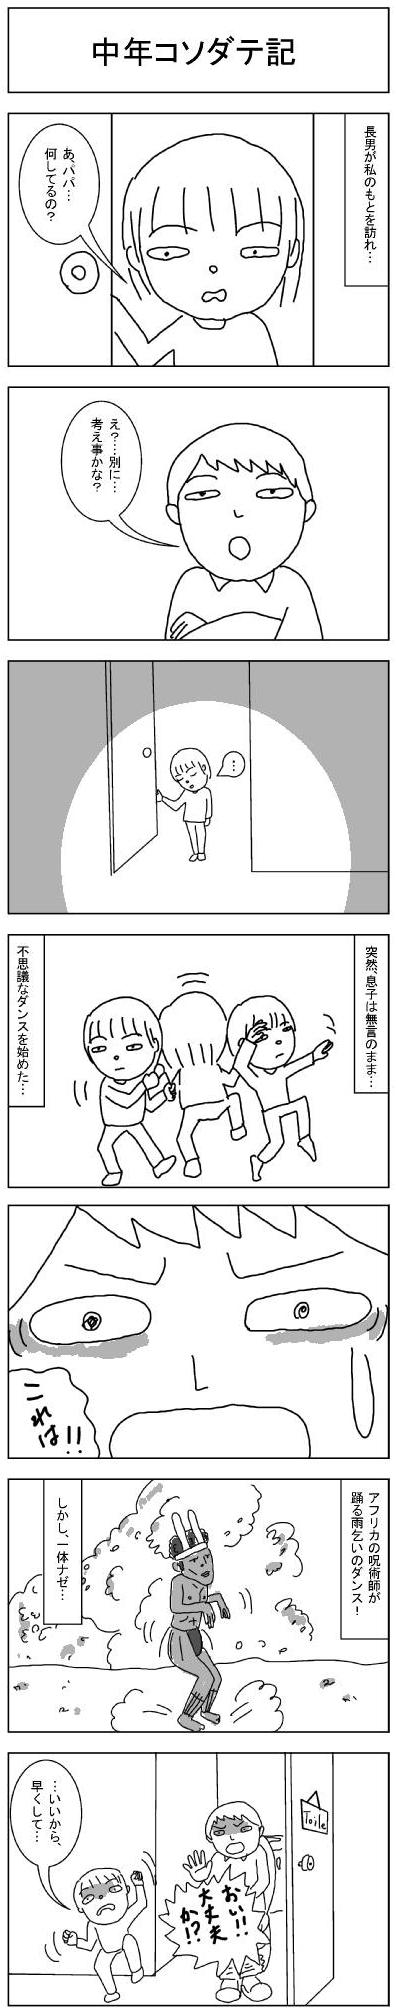 中年コソダテ記